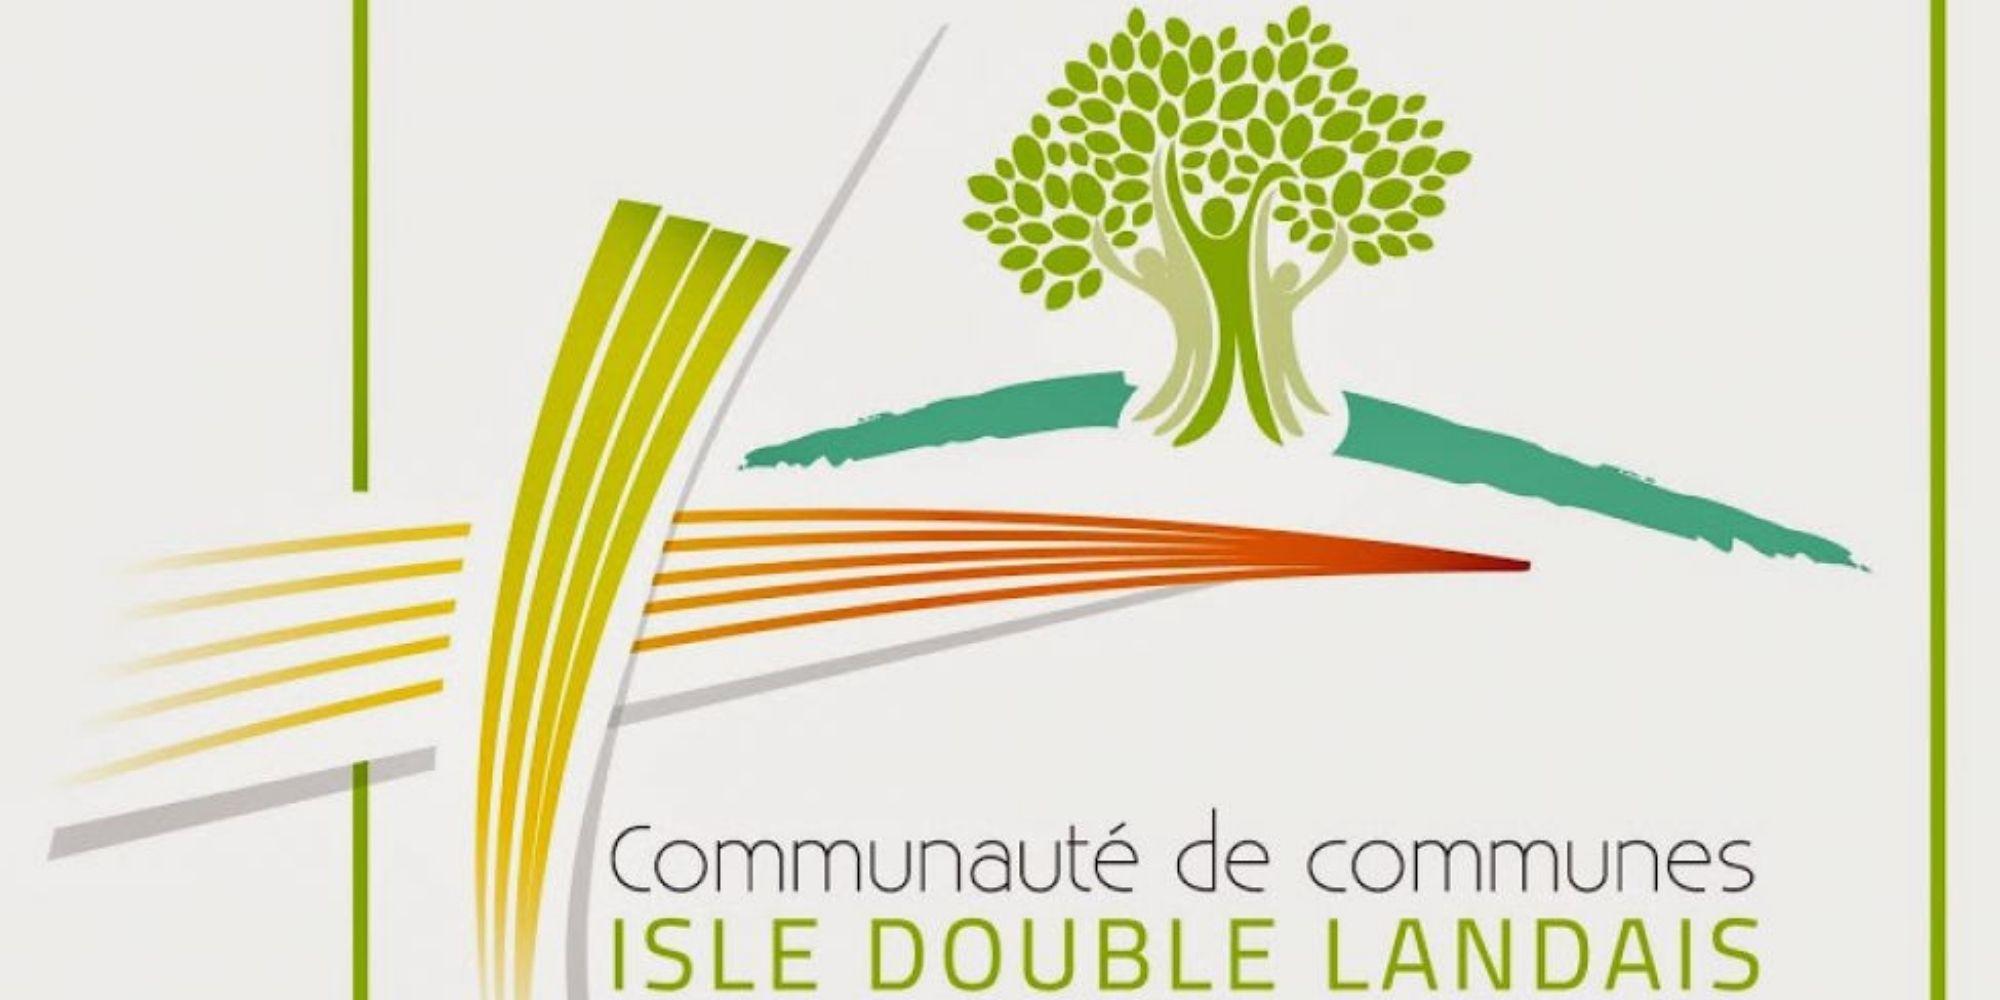 Le compte-rendu du Conseil Communautaire du 15 Mars 2021 est en ligne !